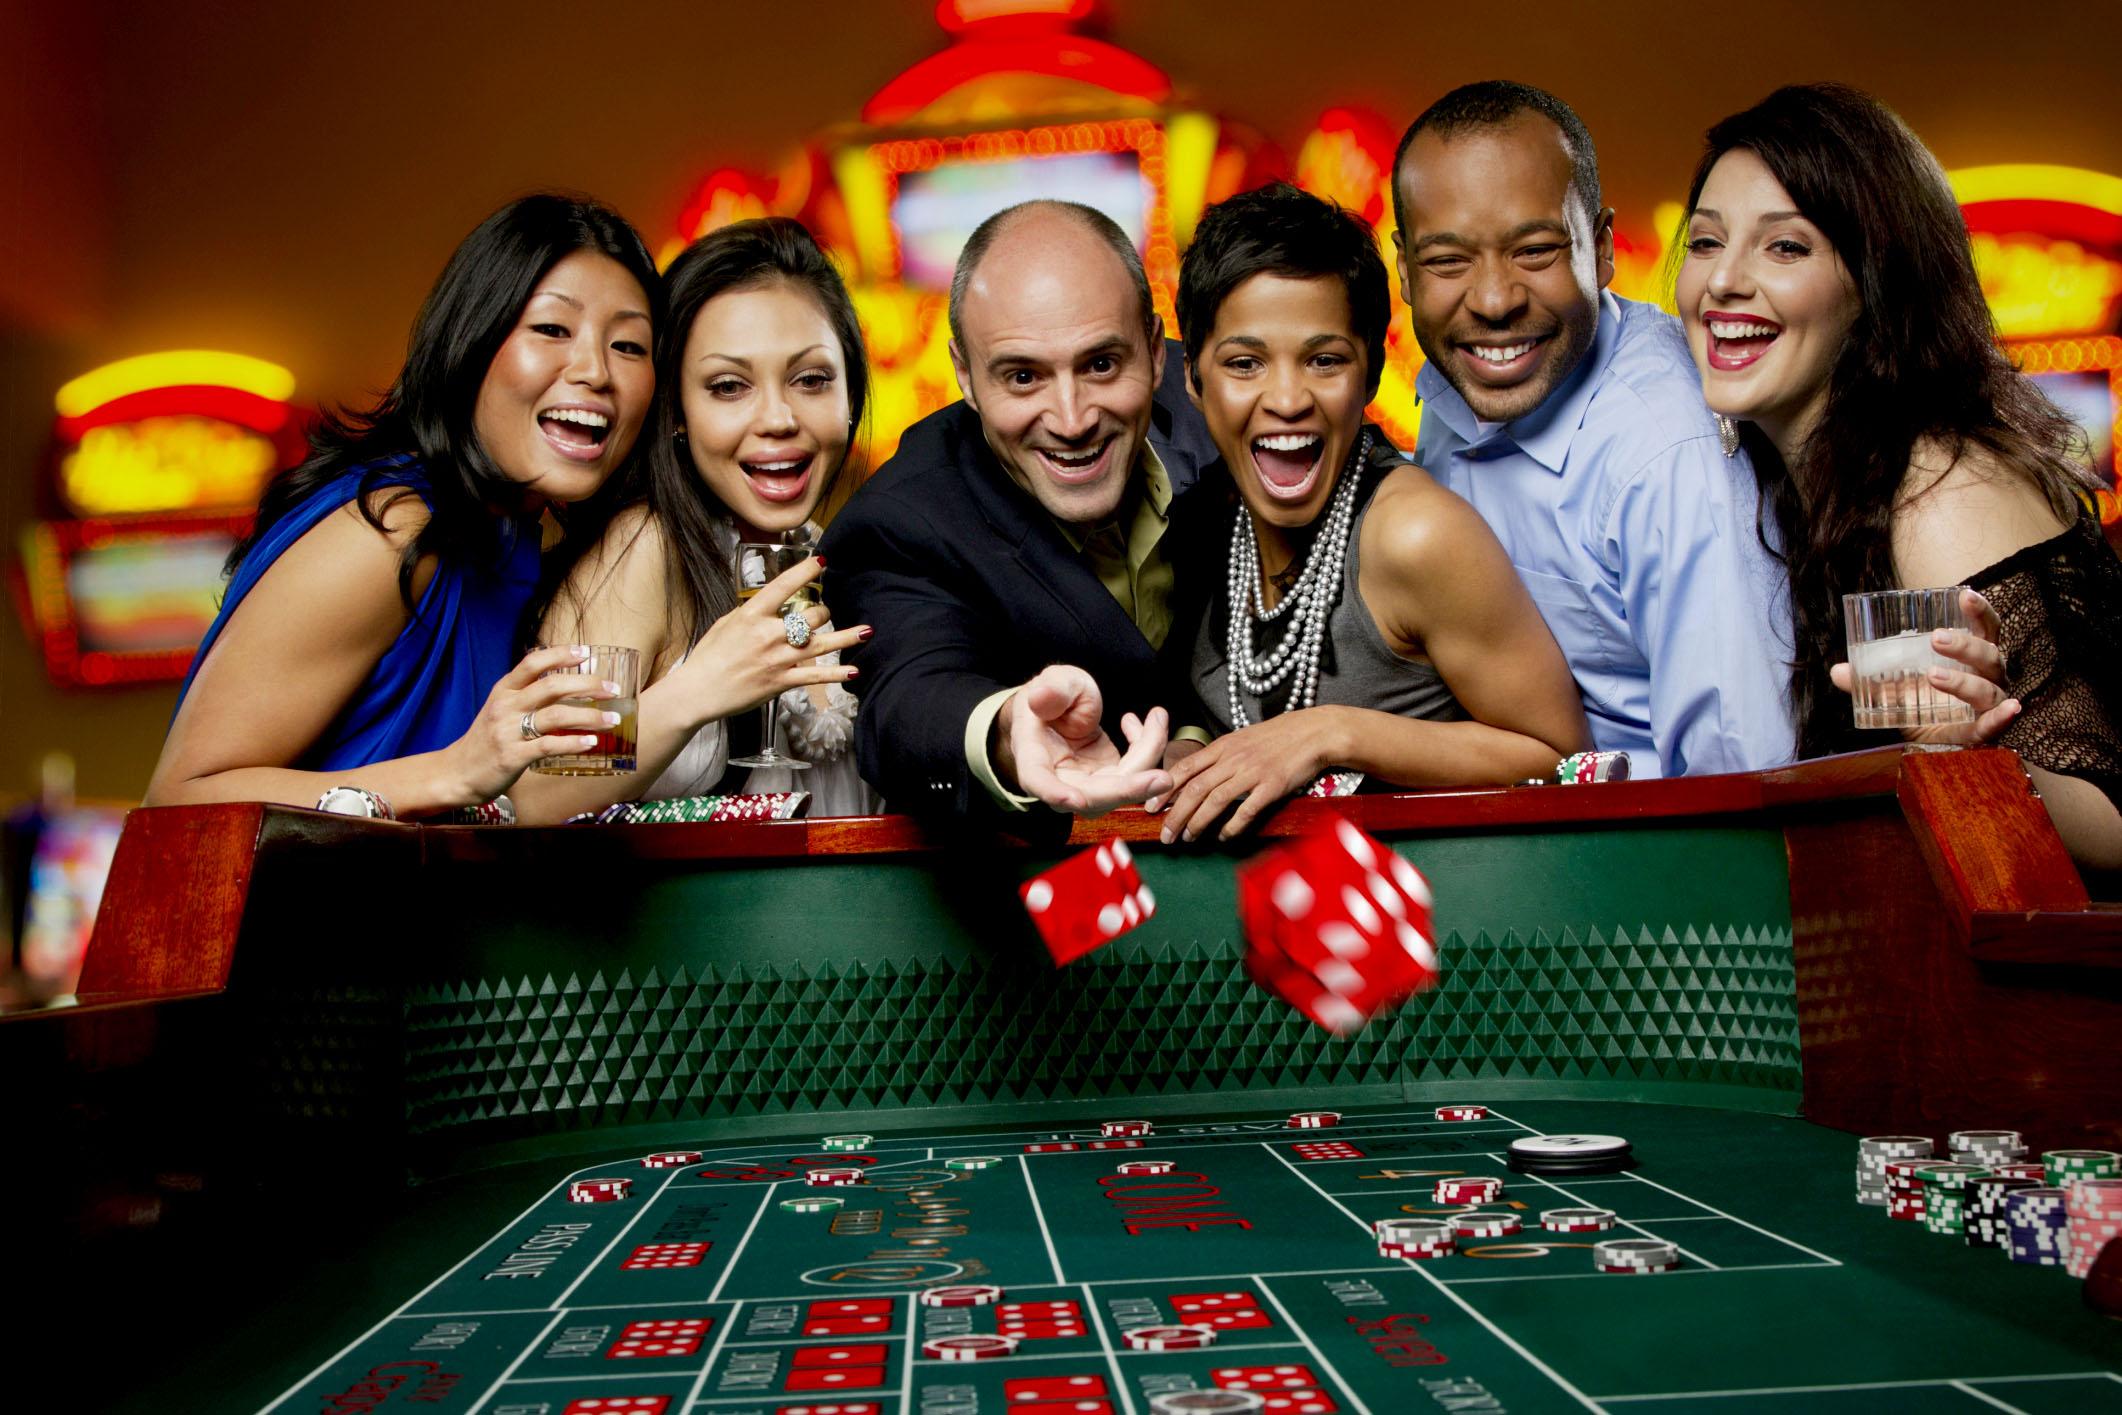 Slots online deals scotland